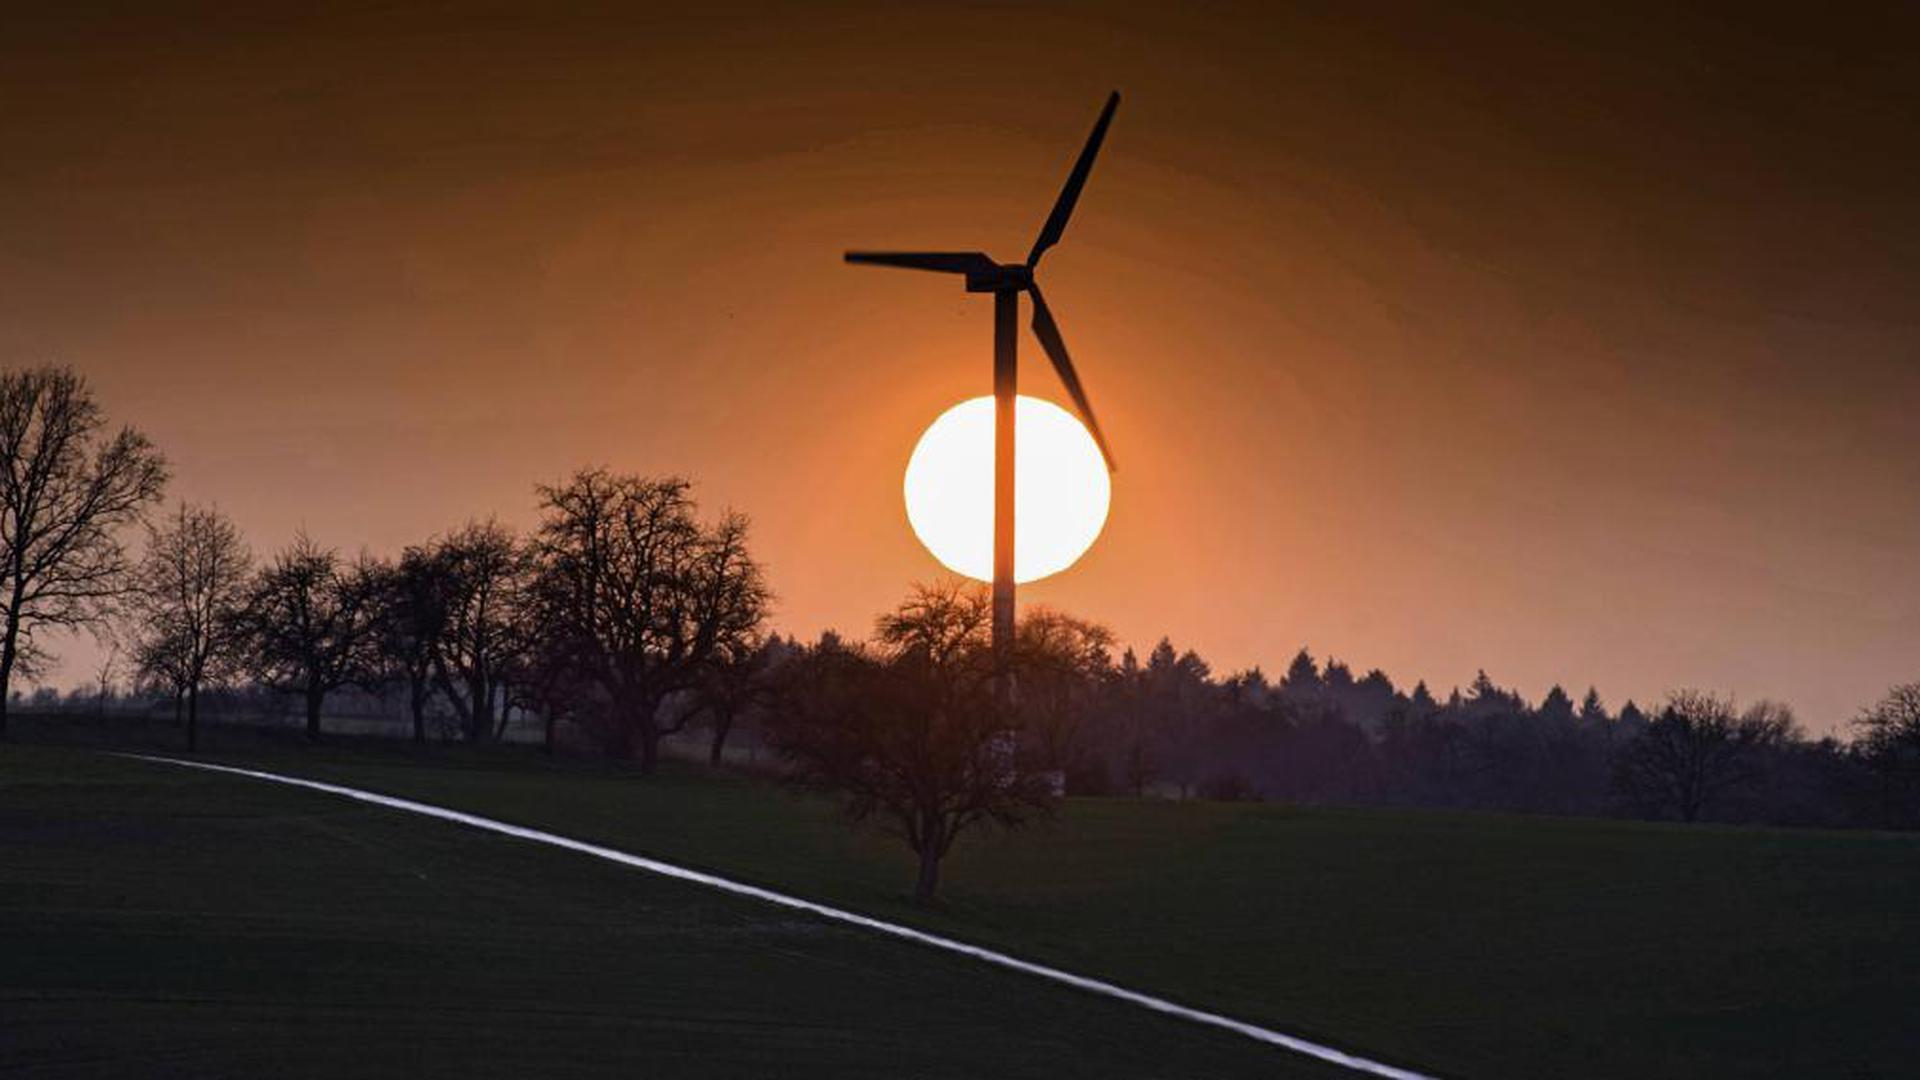 Natürlich Energie - aber im eigenen Umfeld nicht gern gesehen: Geplante Windkraftanlagen sorgen immer wieder für heftige Reaktionen in den betroffenen Gemeinden, jetzt auch in Weingarten und Walzbachtal. Das Foto zeigt die Windmühle auf der Wössinger Steig.